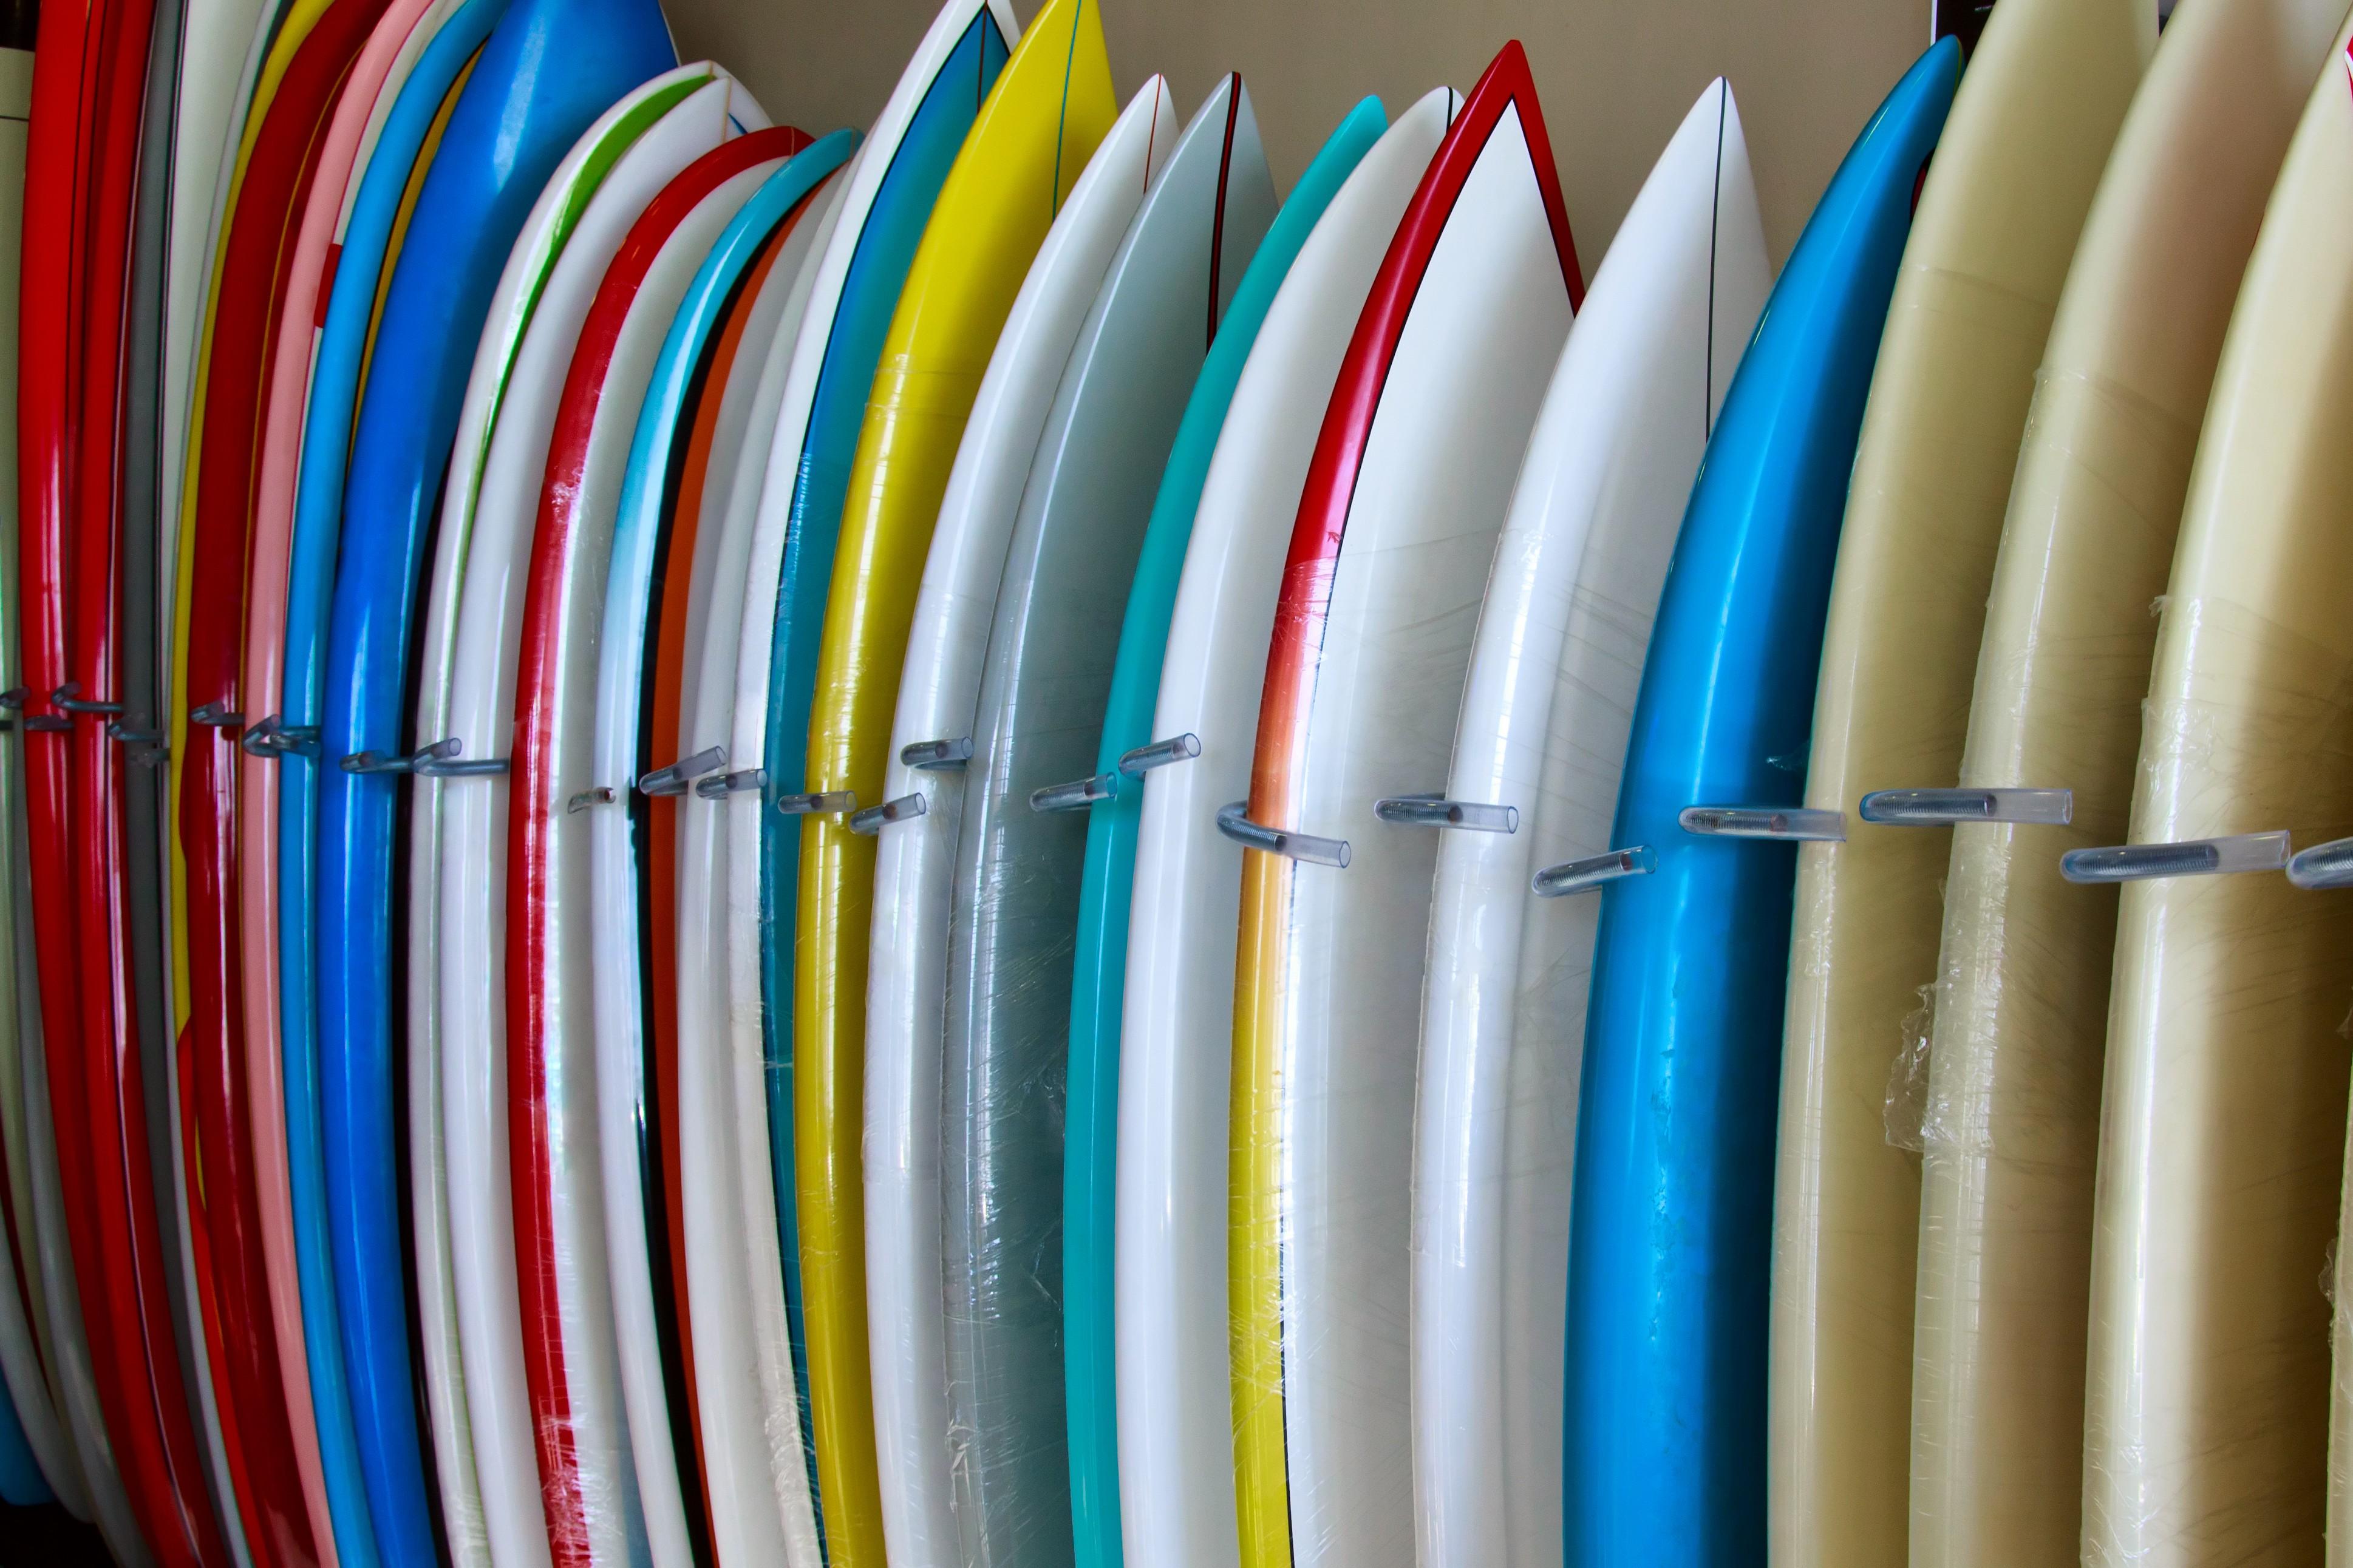 Tamara Surfshop And Skateshop